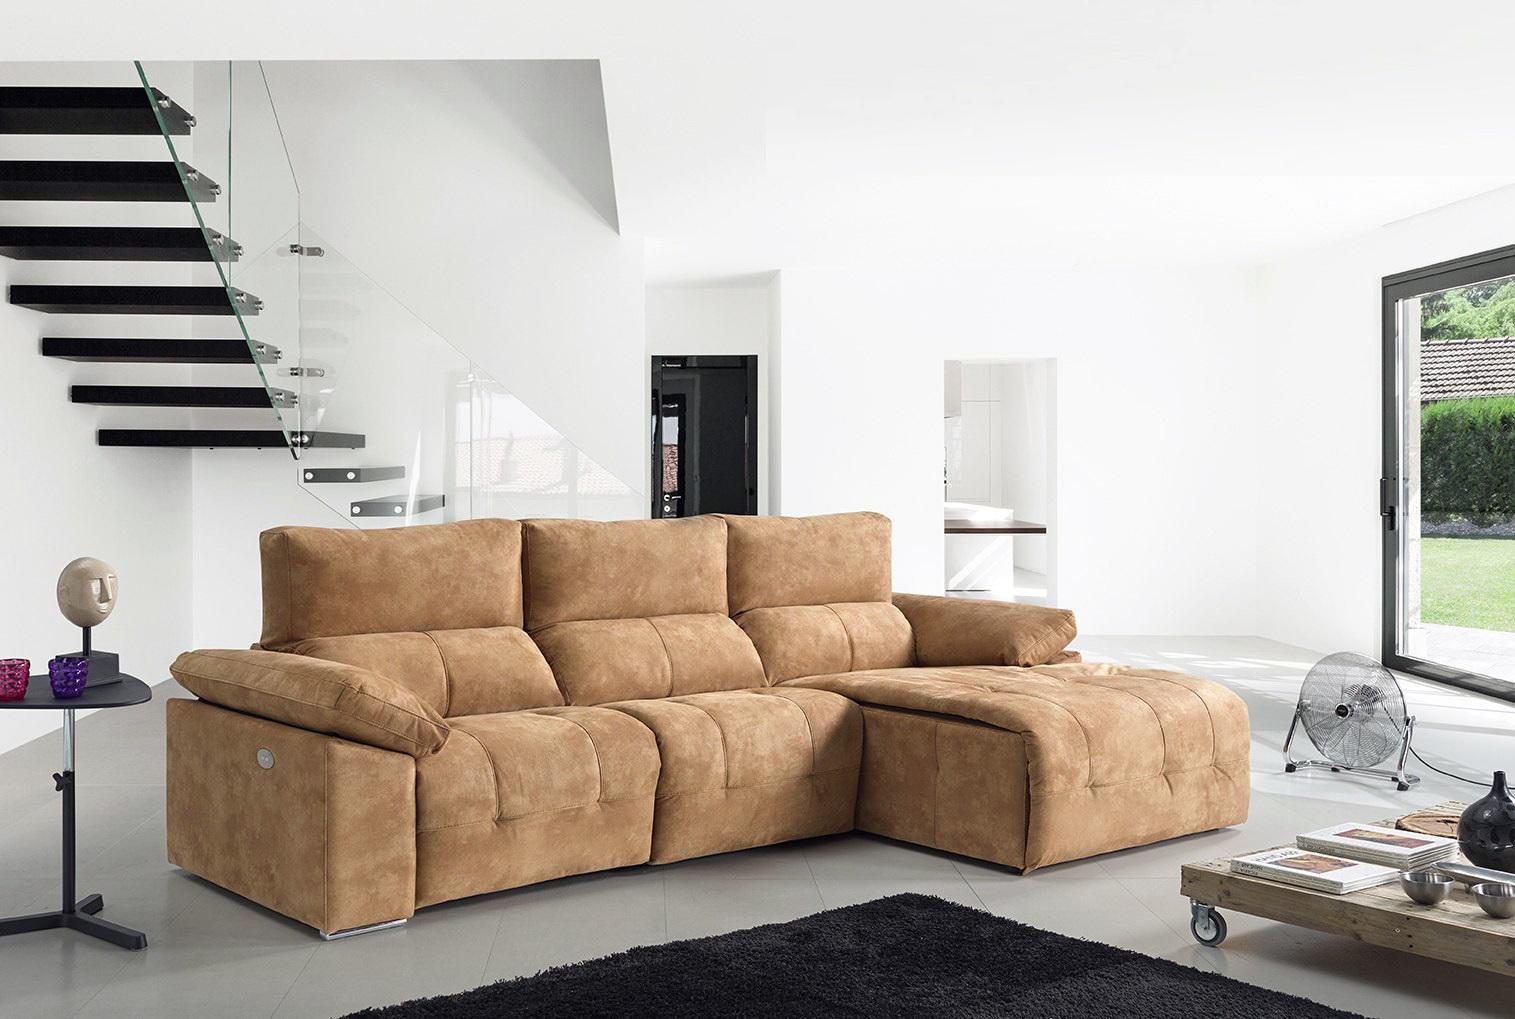 SHIRE sofá modular relax motorizado by Vizcaíno Tapizados en muebles antoñán® León (1)